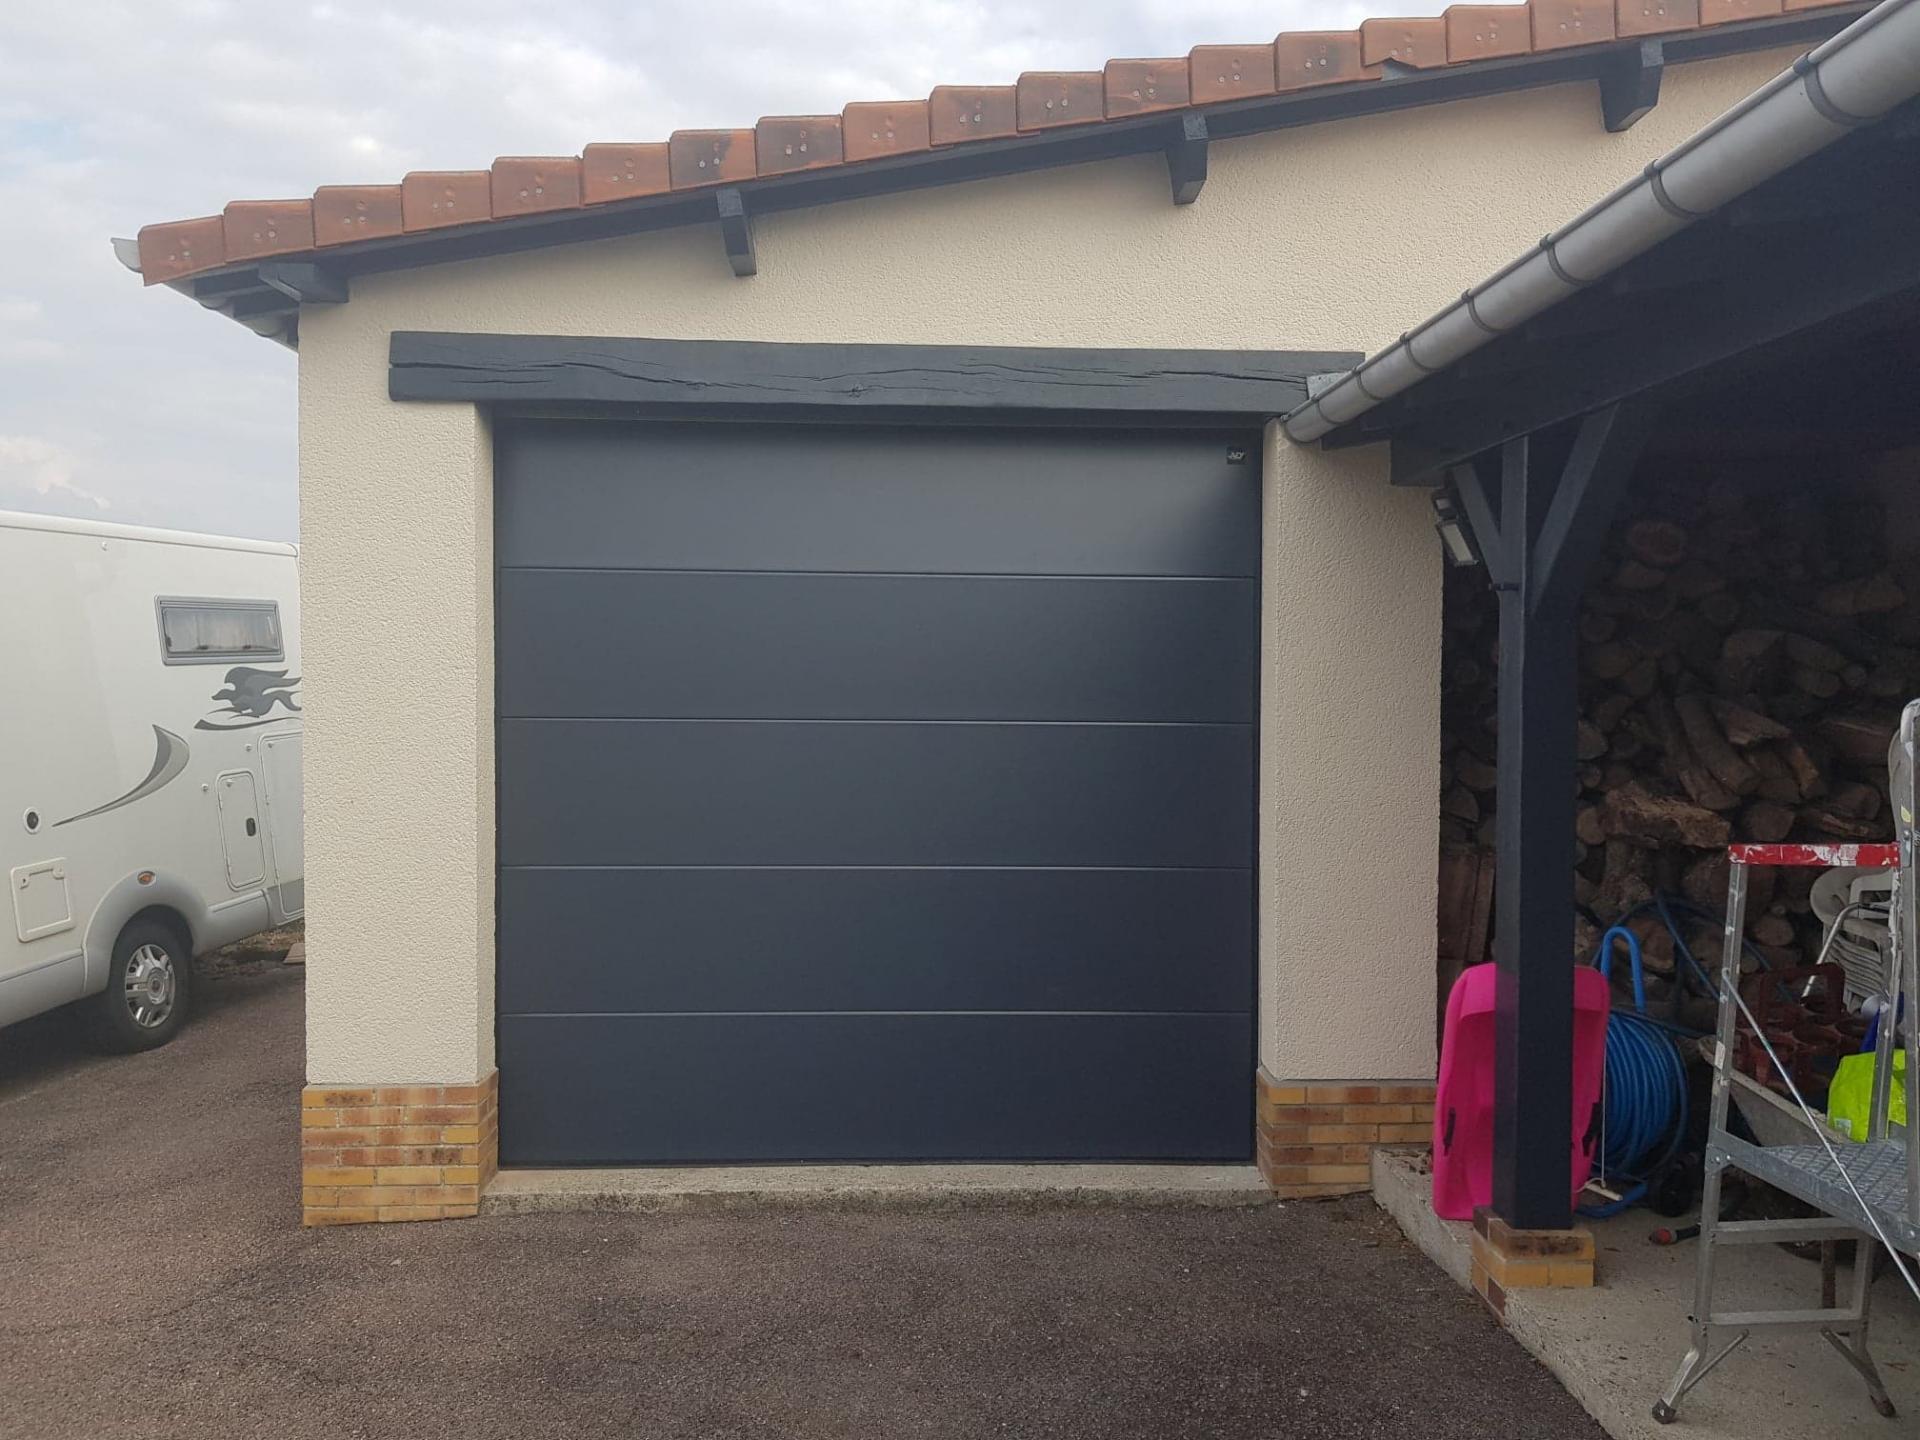 Pose d'une porte motorisée de garage